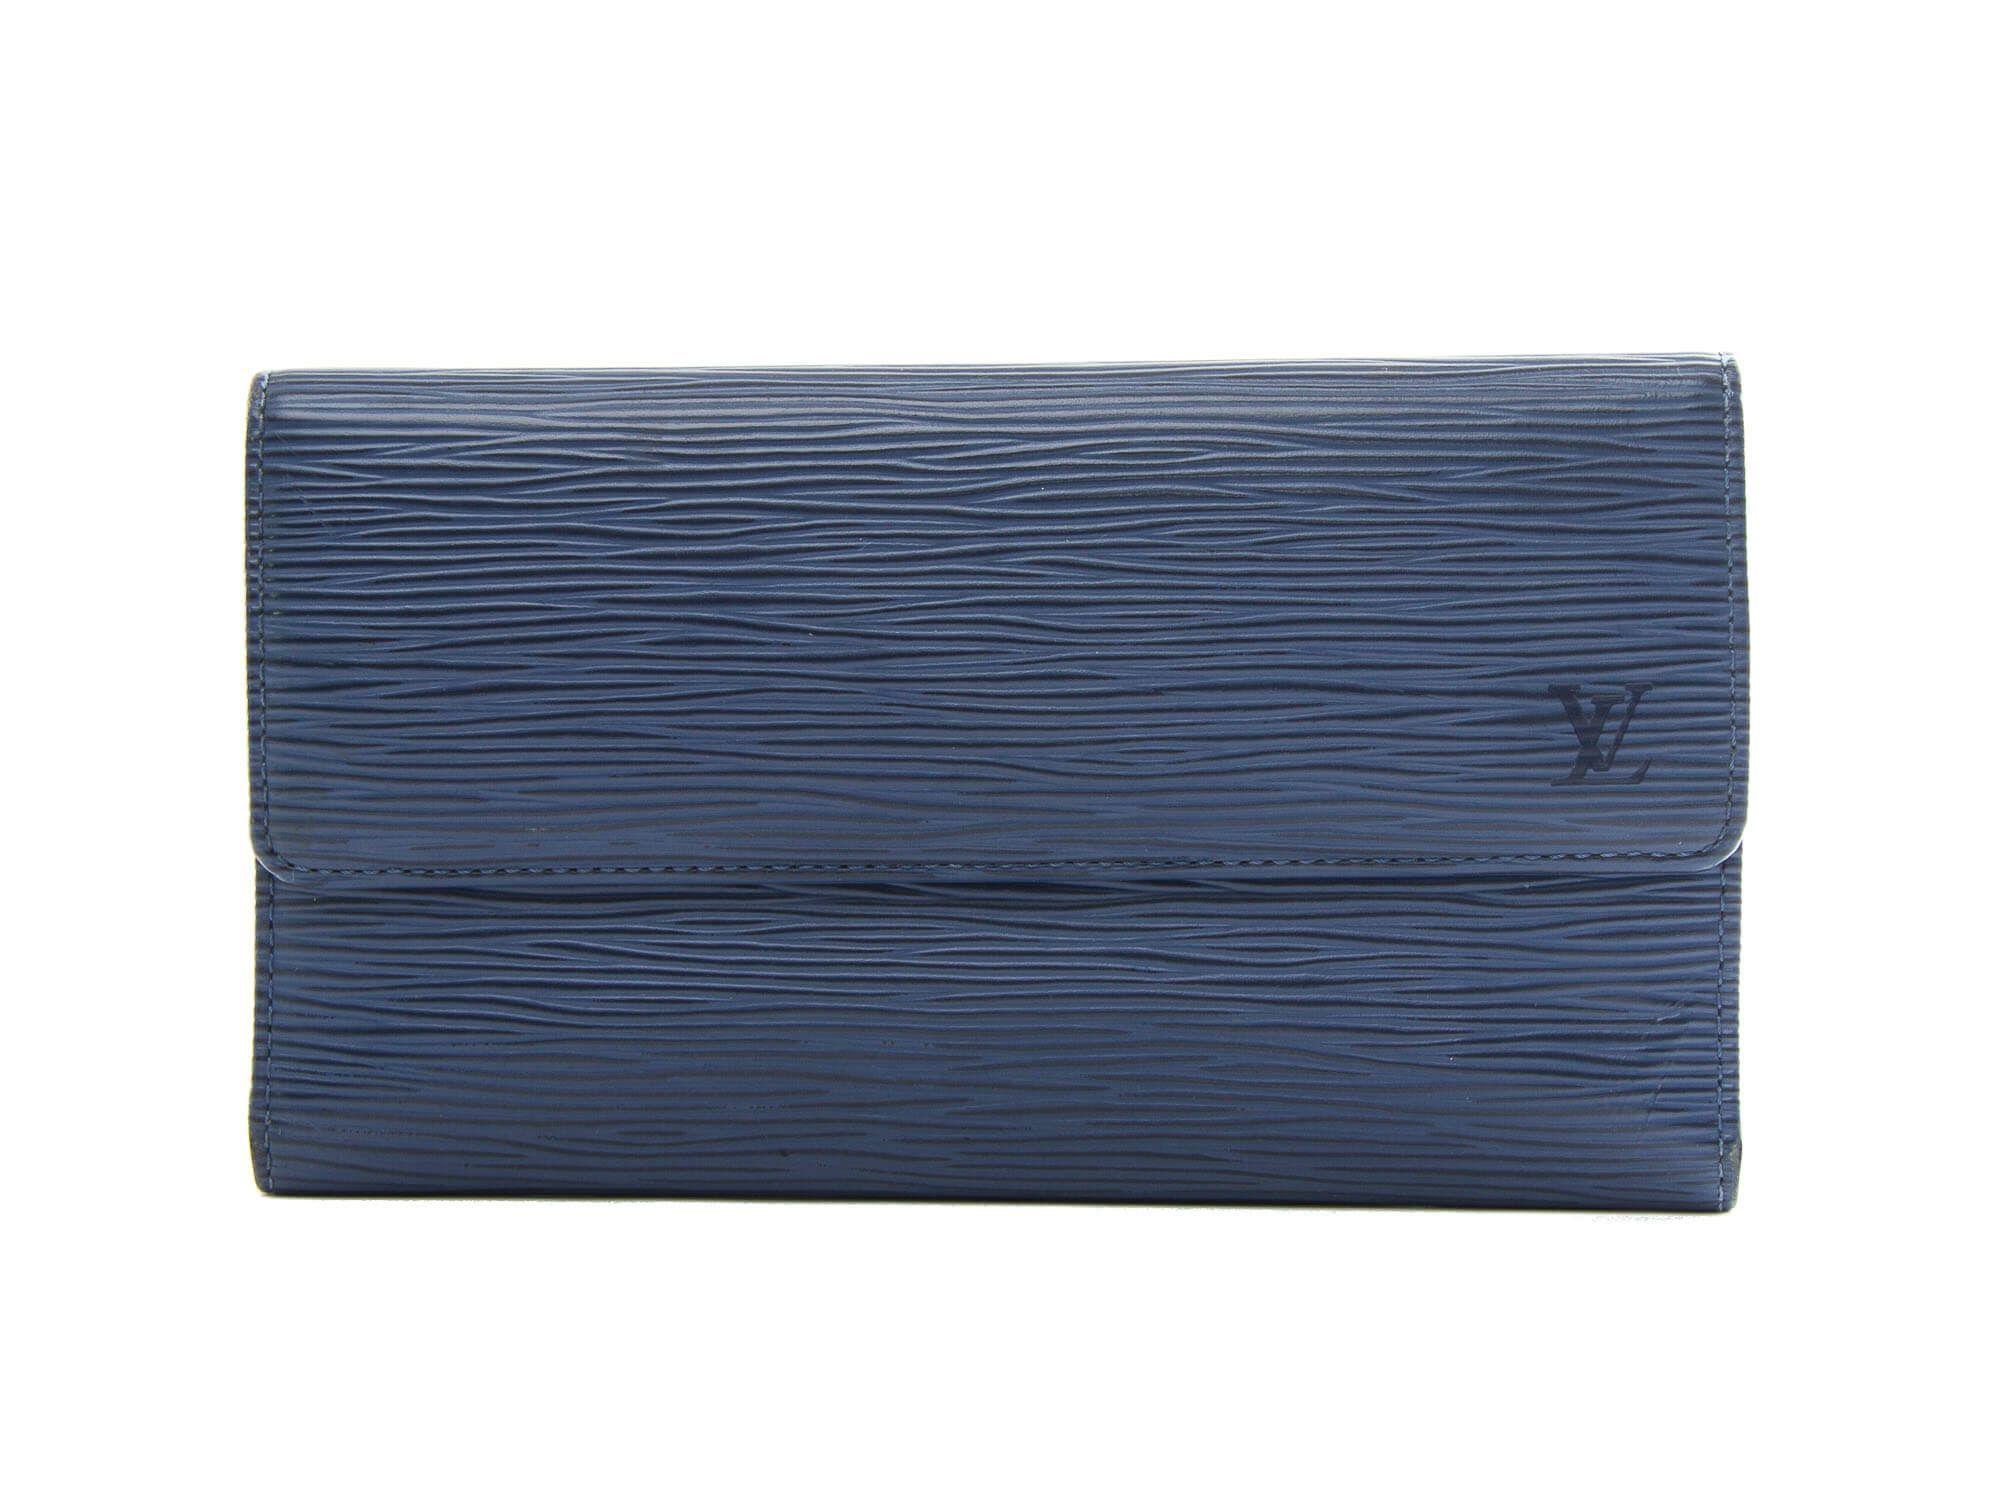 Authentic Louis Vuitton Myrtille Blue Epi Leather Porte-Tresor Wallet